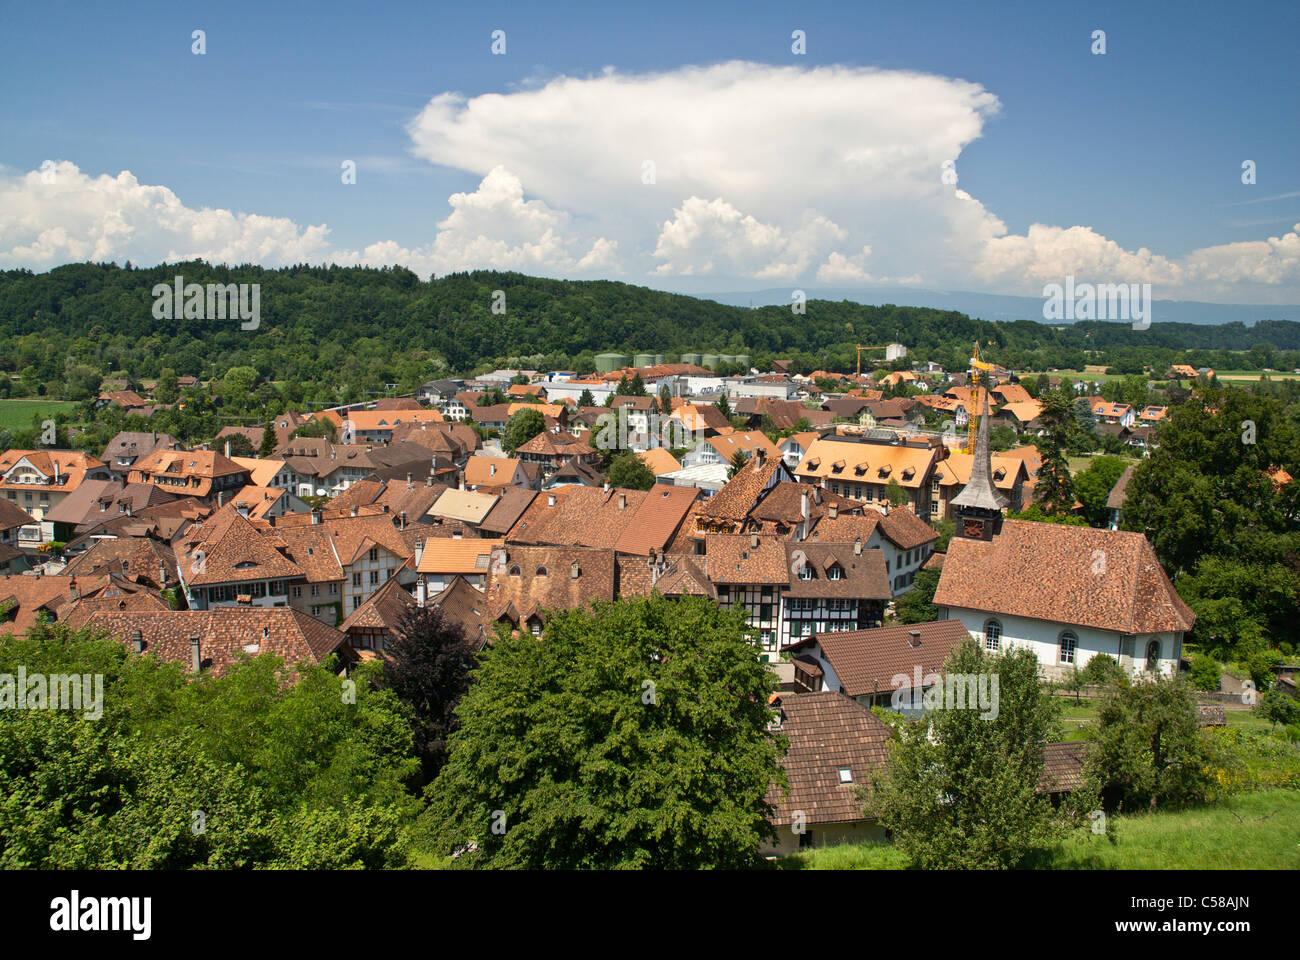 Old Town, anvil cloud, Cumulonimbus capillatus incus, Bern, canton BE, Cumulus mediocris, Europe, storm cloud, Cumulonimbus, - Stock Image